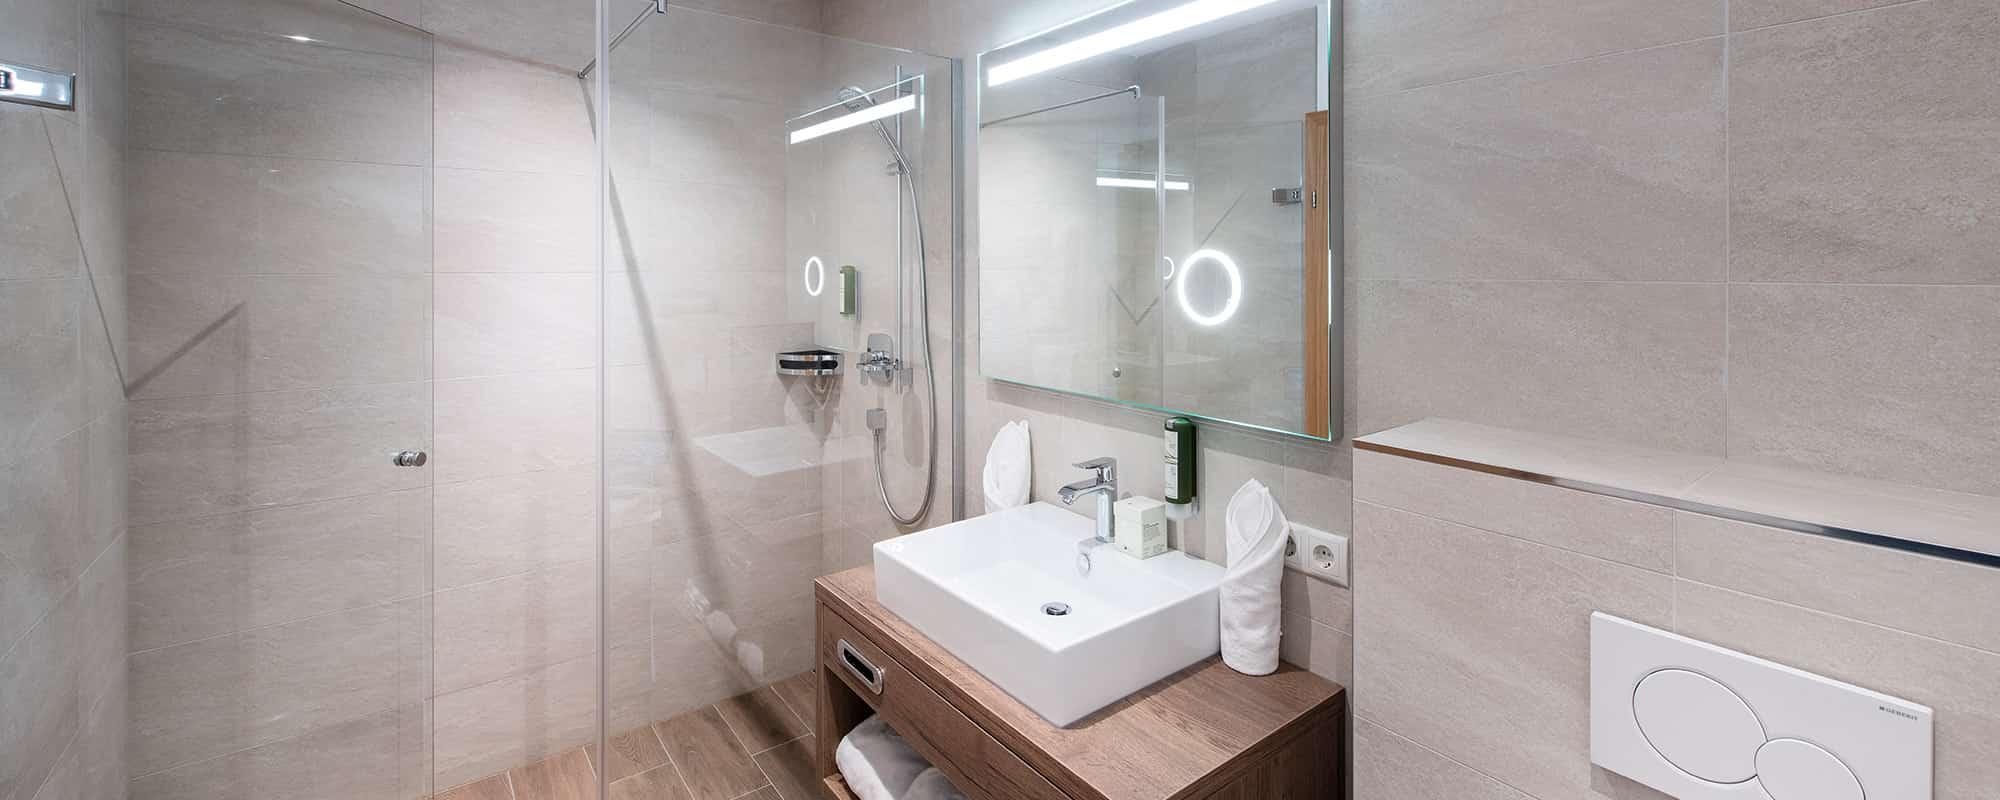 MANNI VIllage Badezimmer